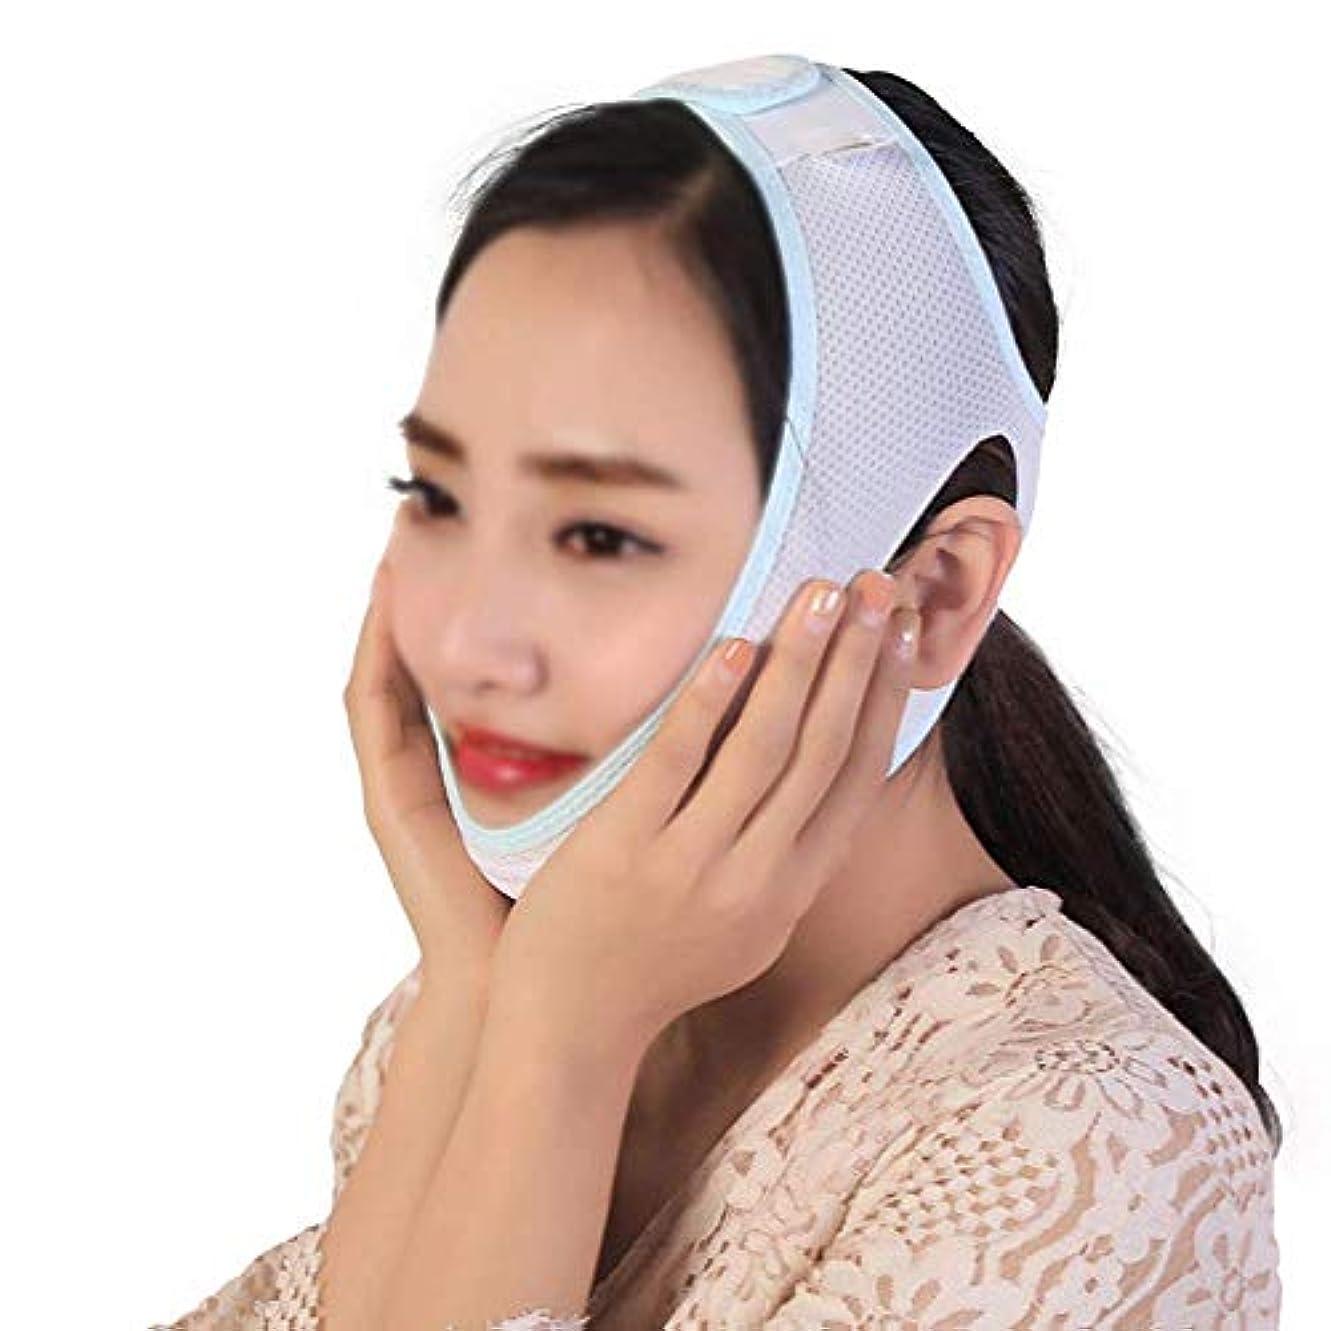 バングすることになっている膿瘍ファーミングフェイスマスク、スモールVフェイスアーティファクトリフティングフェイスプラスチックフェイスマスクコンフォートアップグレード最適化フェイスカーブの向上包括的な 包帯(サイズ:L),M